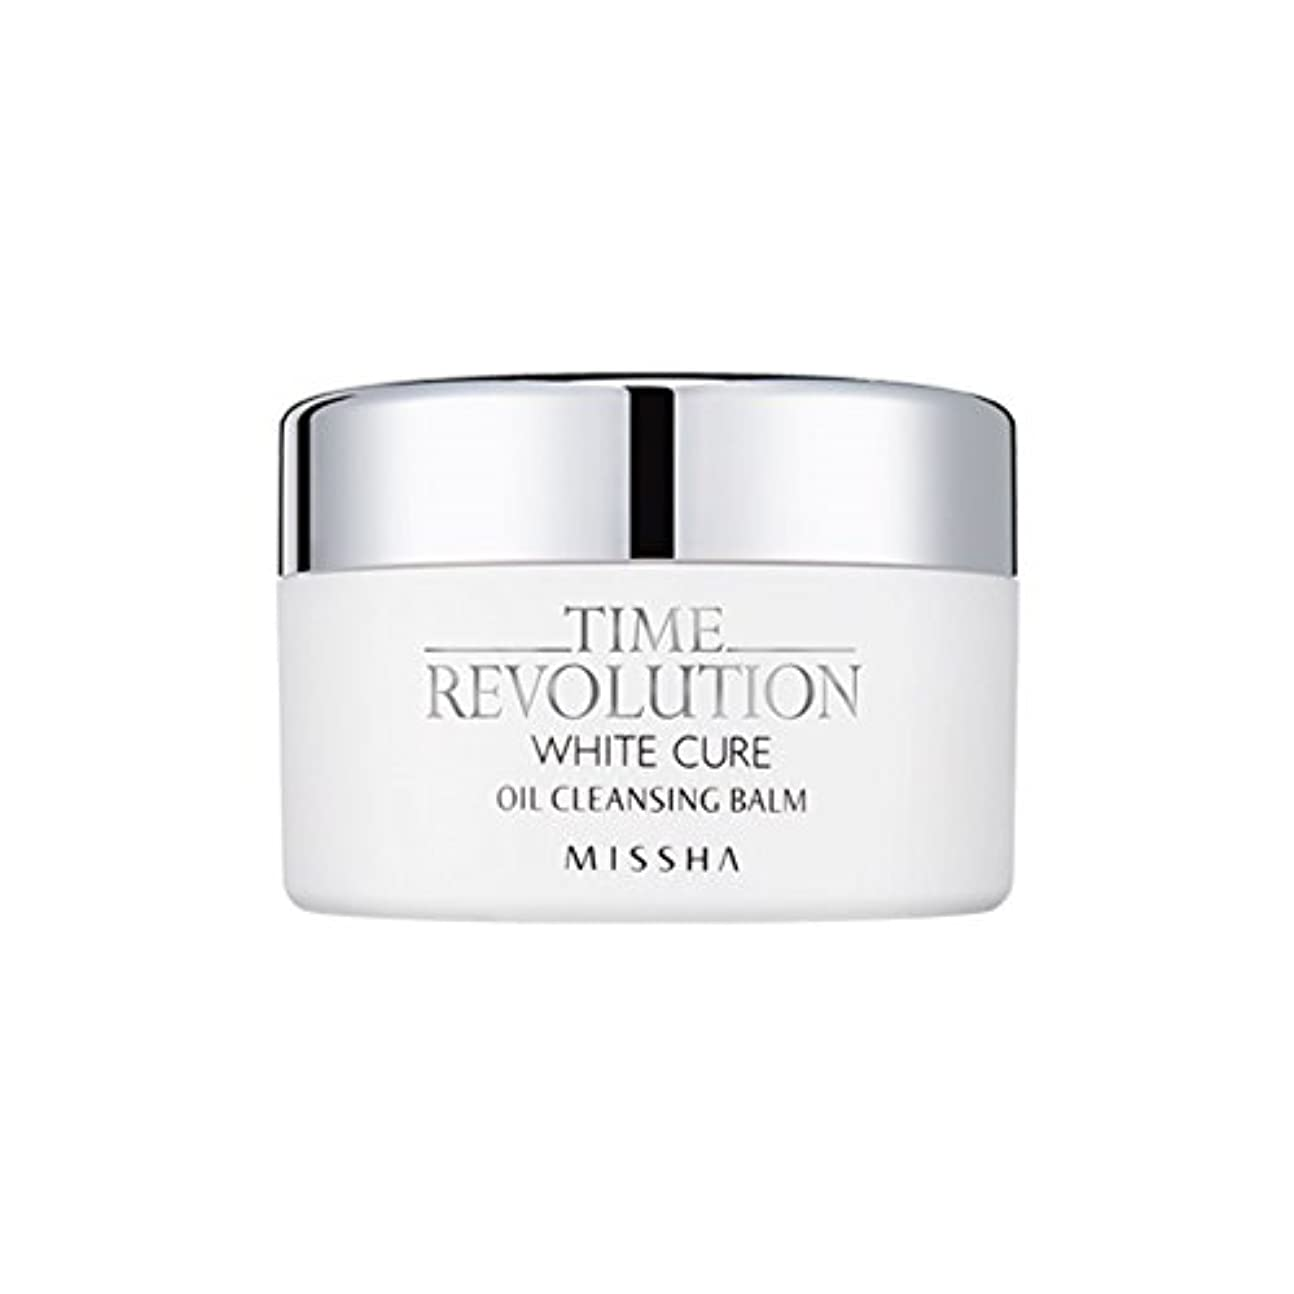 口述弱める助言する[New] MISSHA Time Revolution White Cure Oil Cleansing Balm 105g/ミシャ タイムレボリューション ホワイト キュア オイル クレンジング バーム 105g